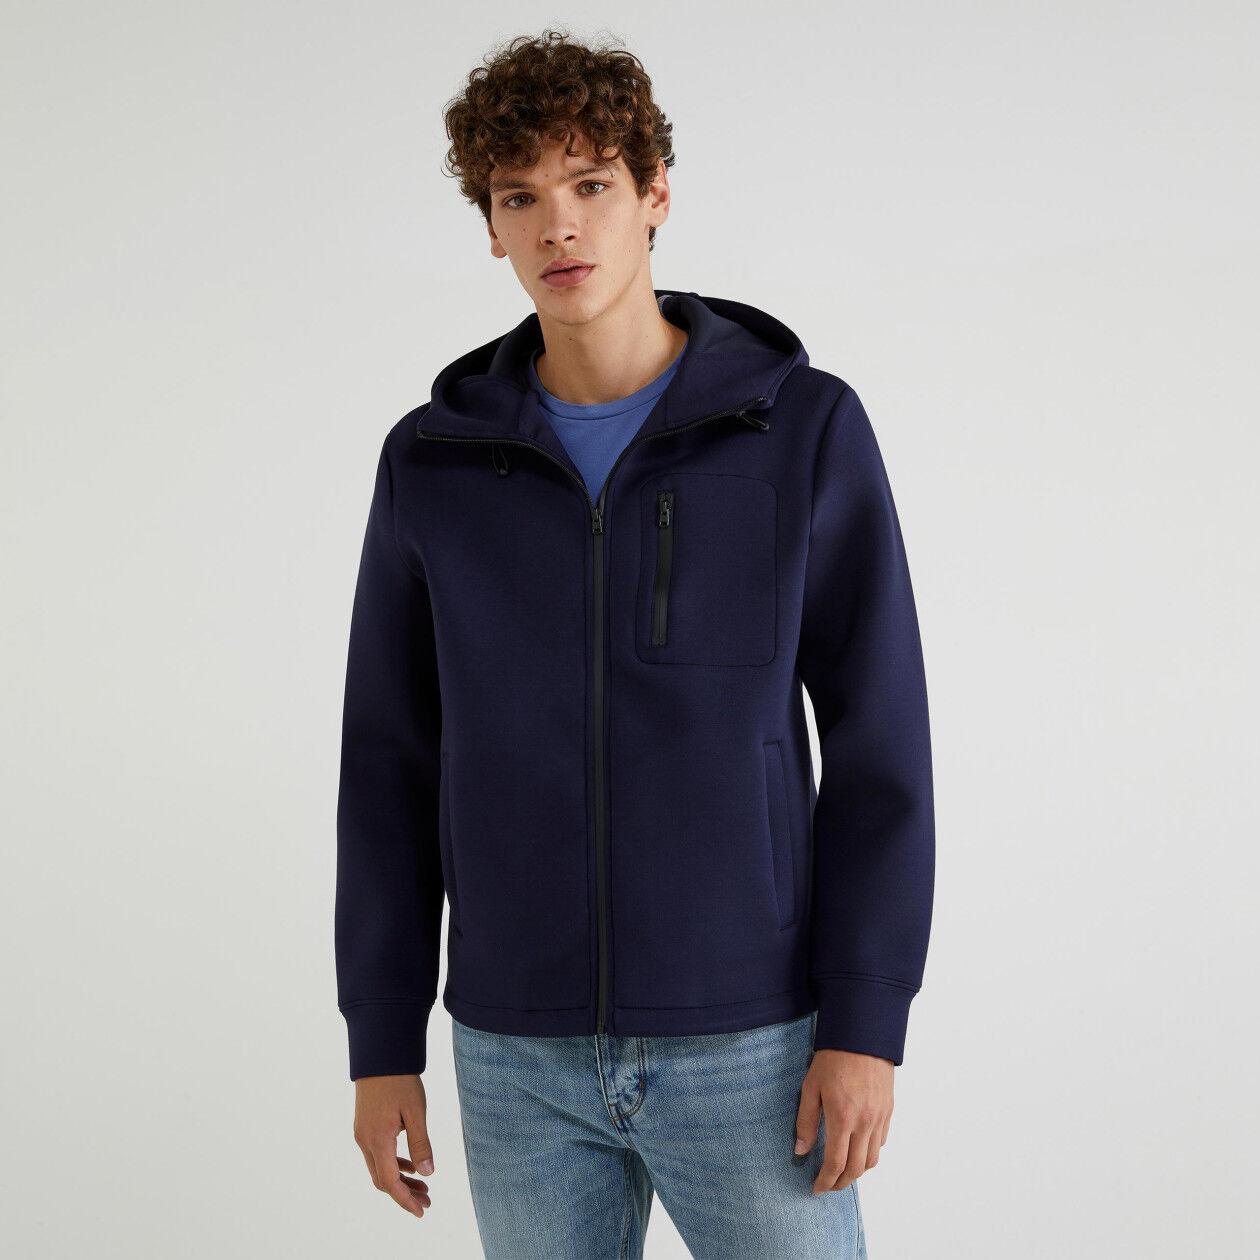 Neoprene jacket with hood